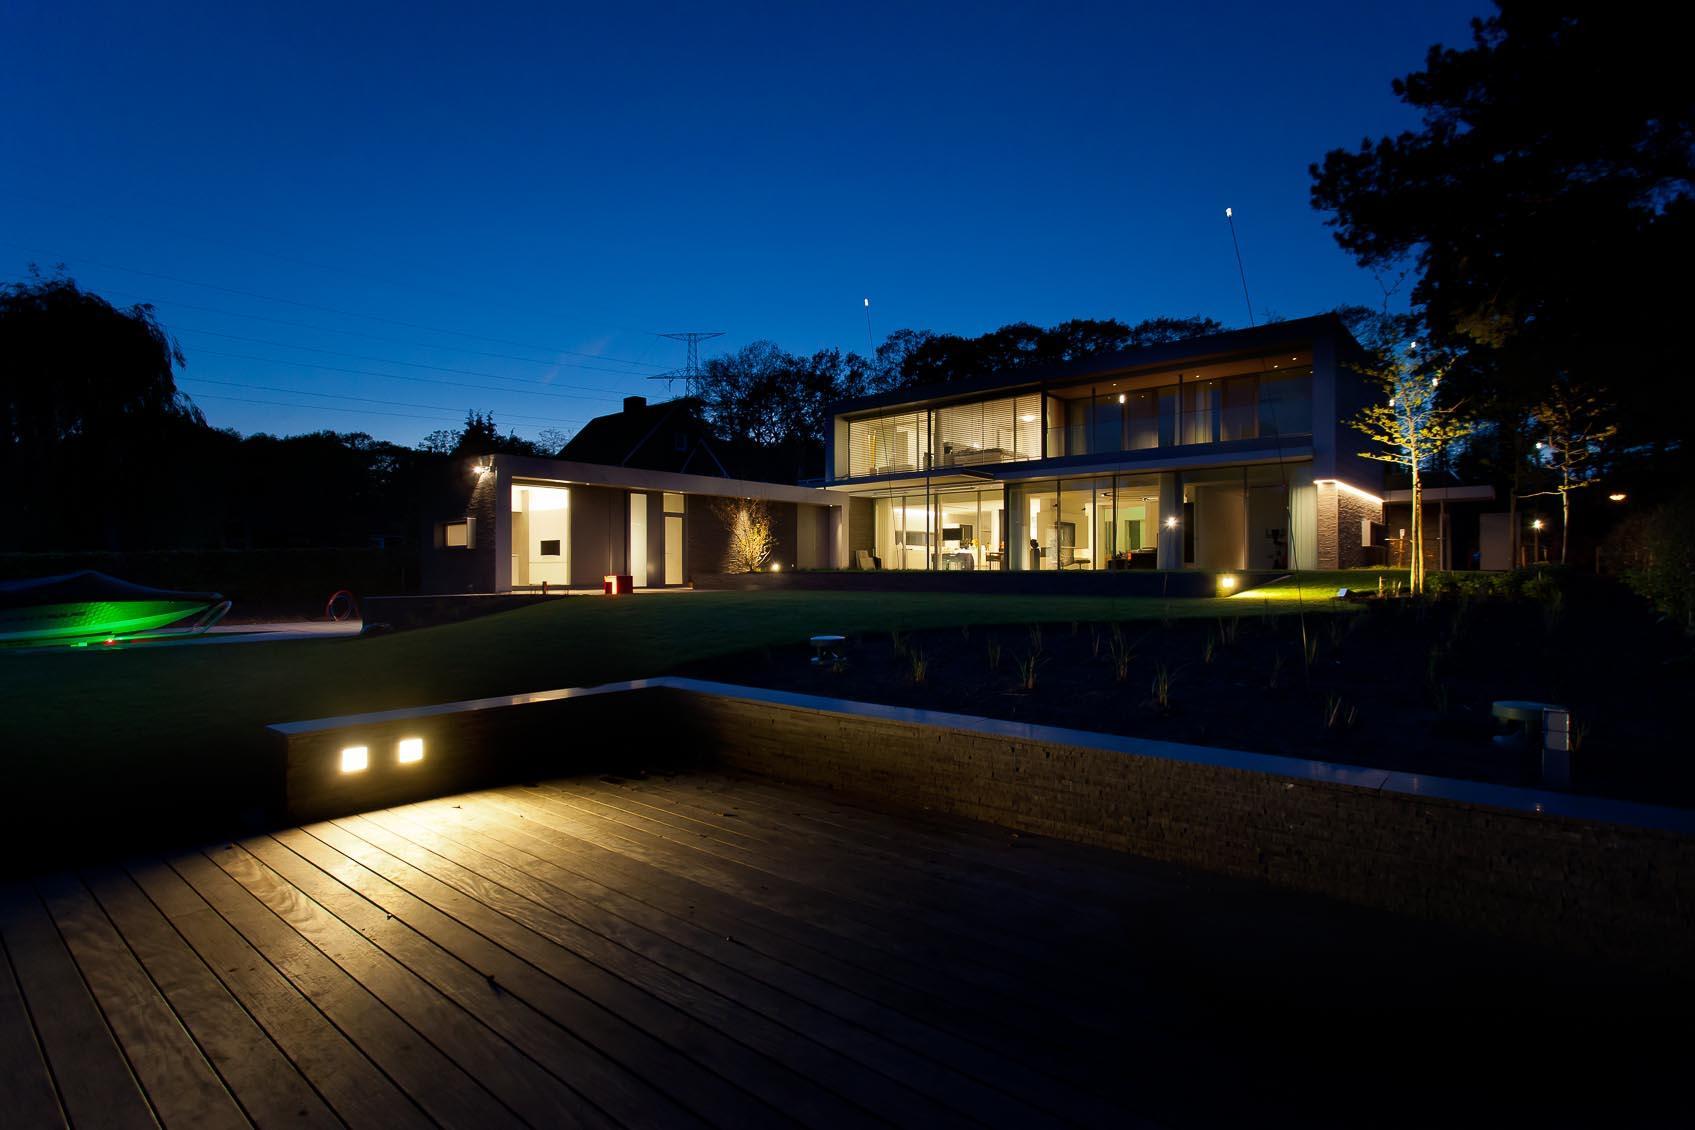 buitenverlichting lichtarchitectuur